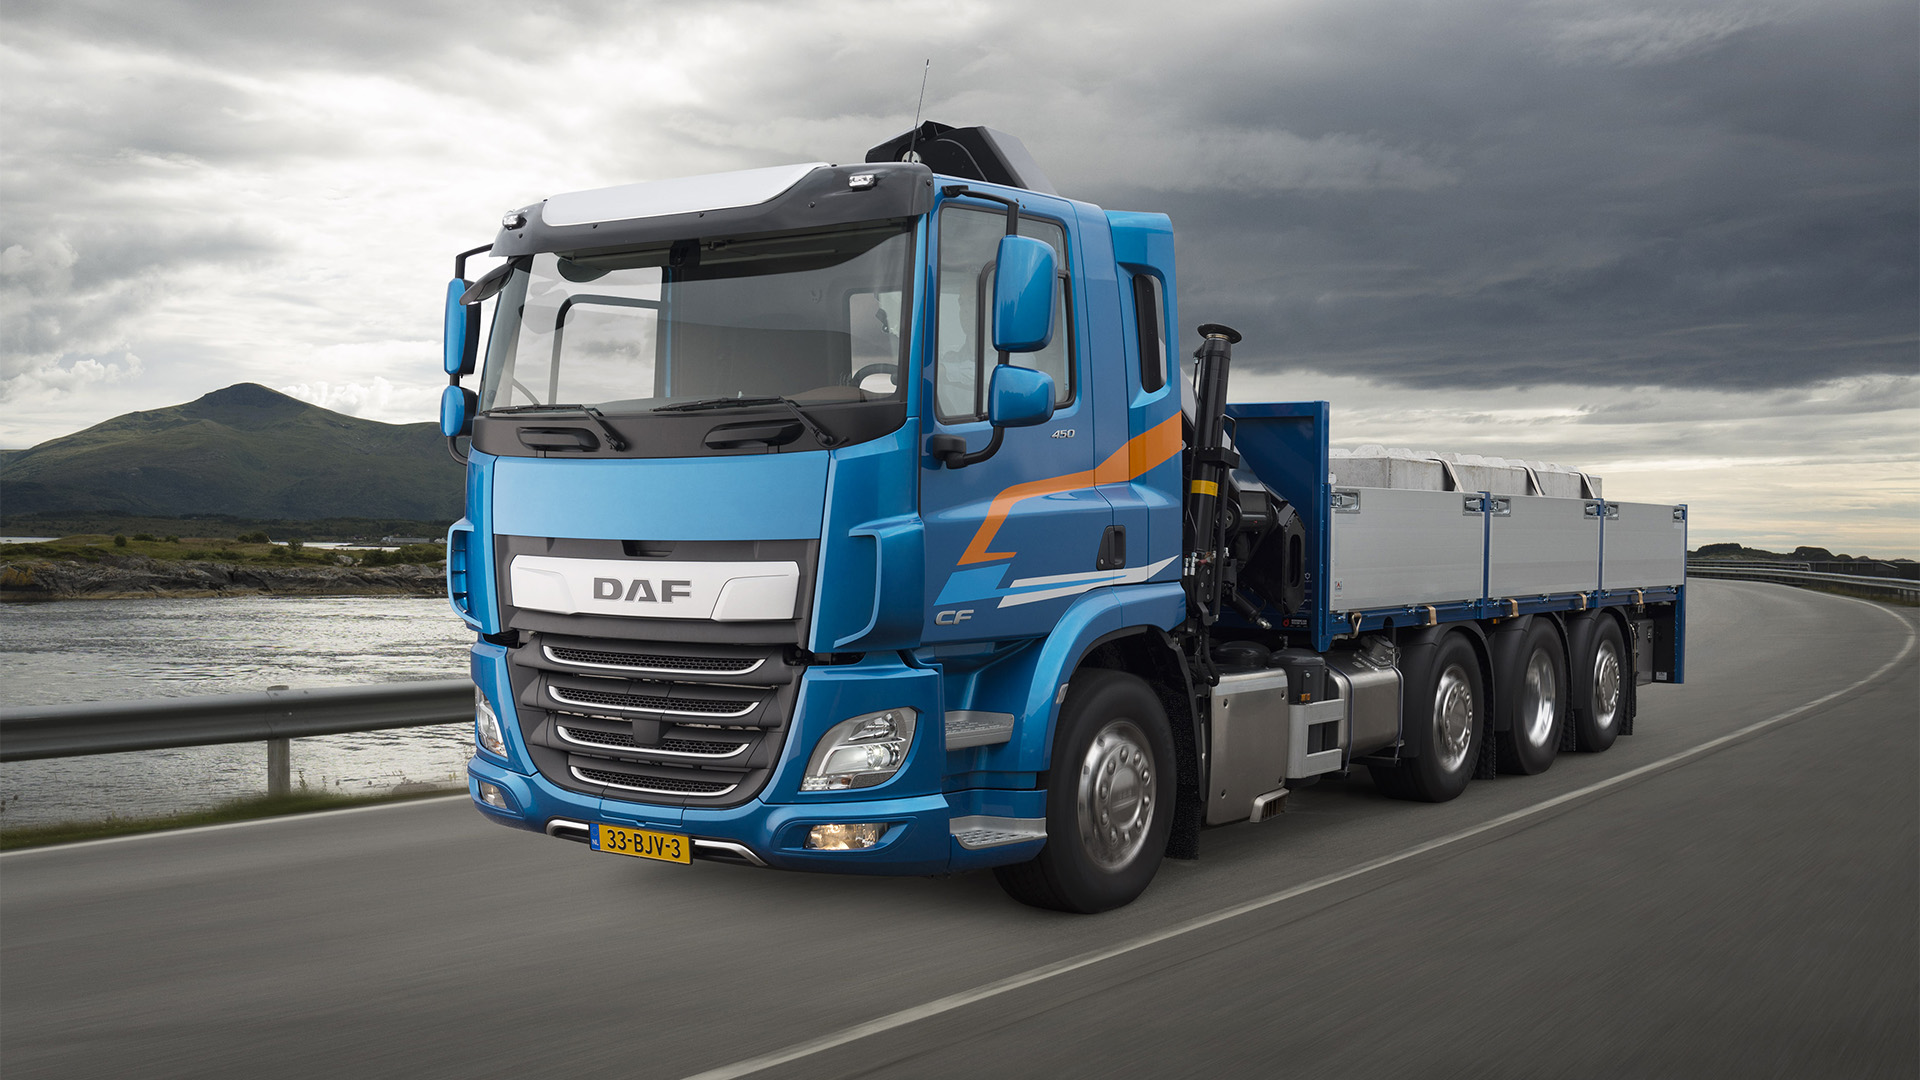 DAF CF Baureihe wurde zum TOP BAU TRUCK in der Slowakei gekürt